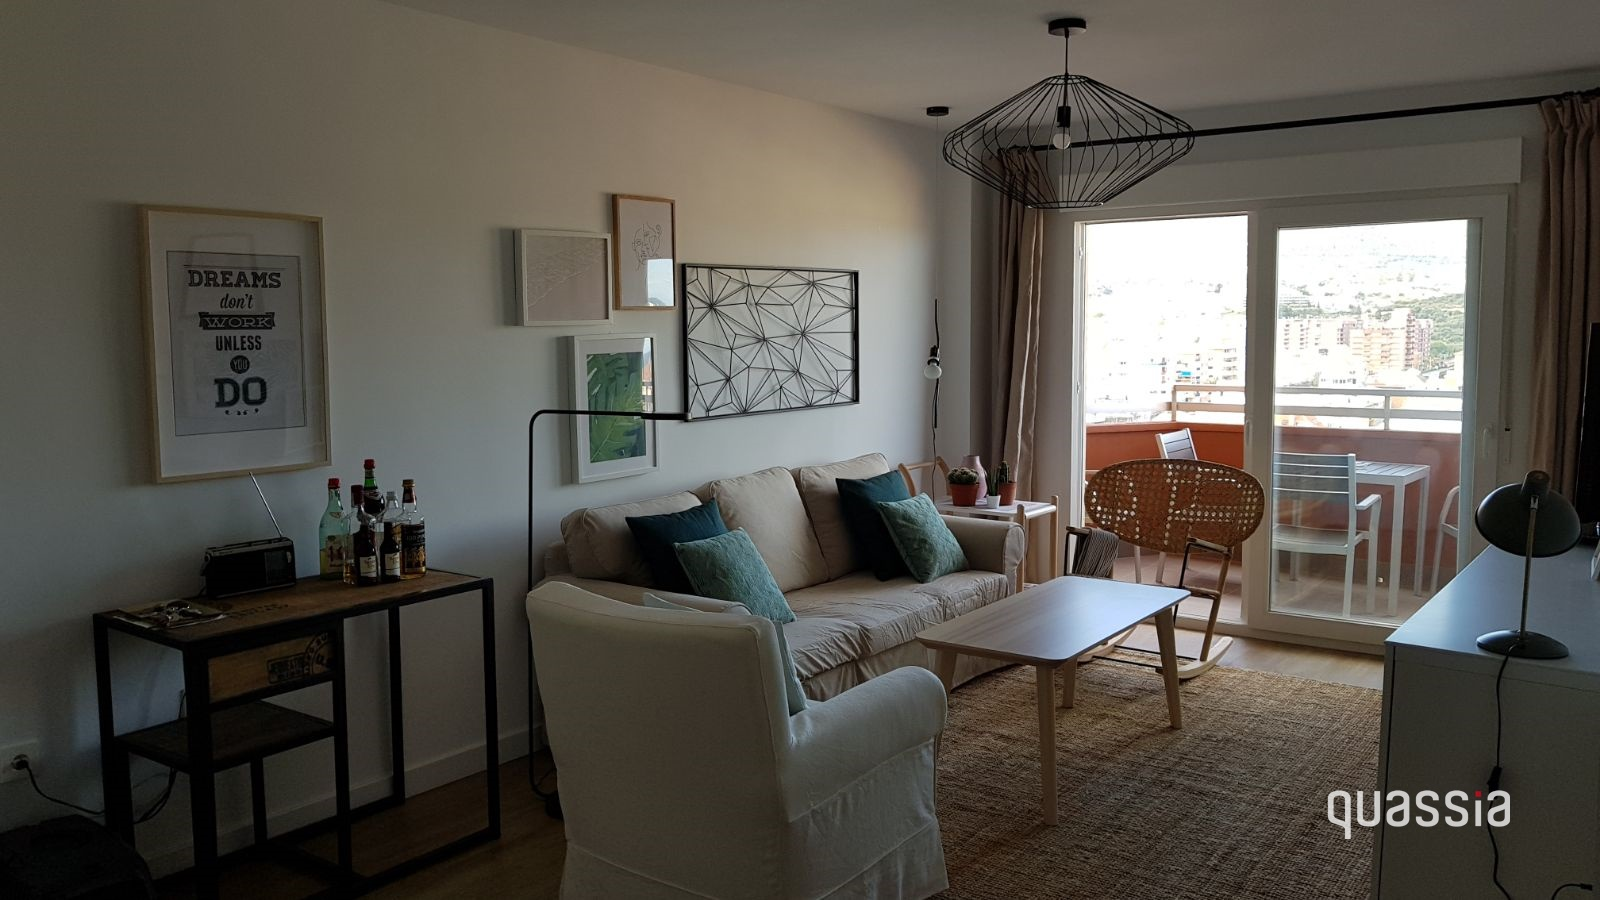 Reforma apartamento Fuengirola por Quassia (9)